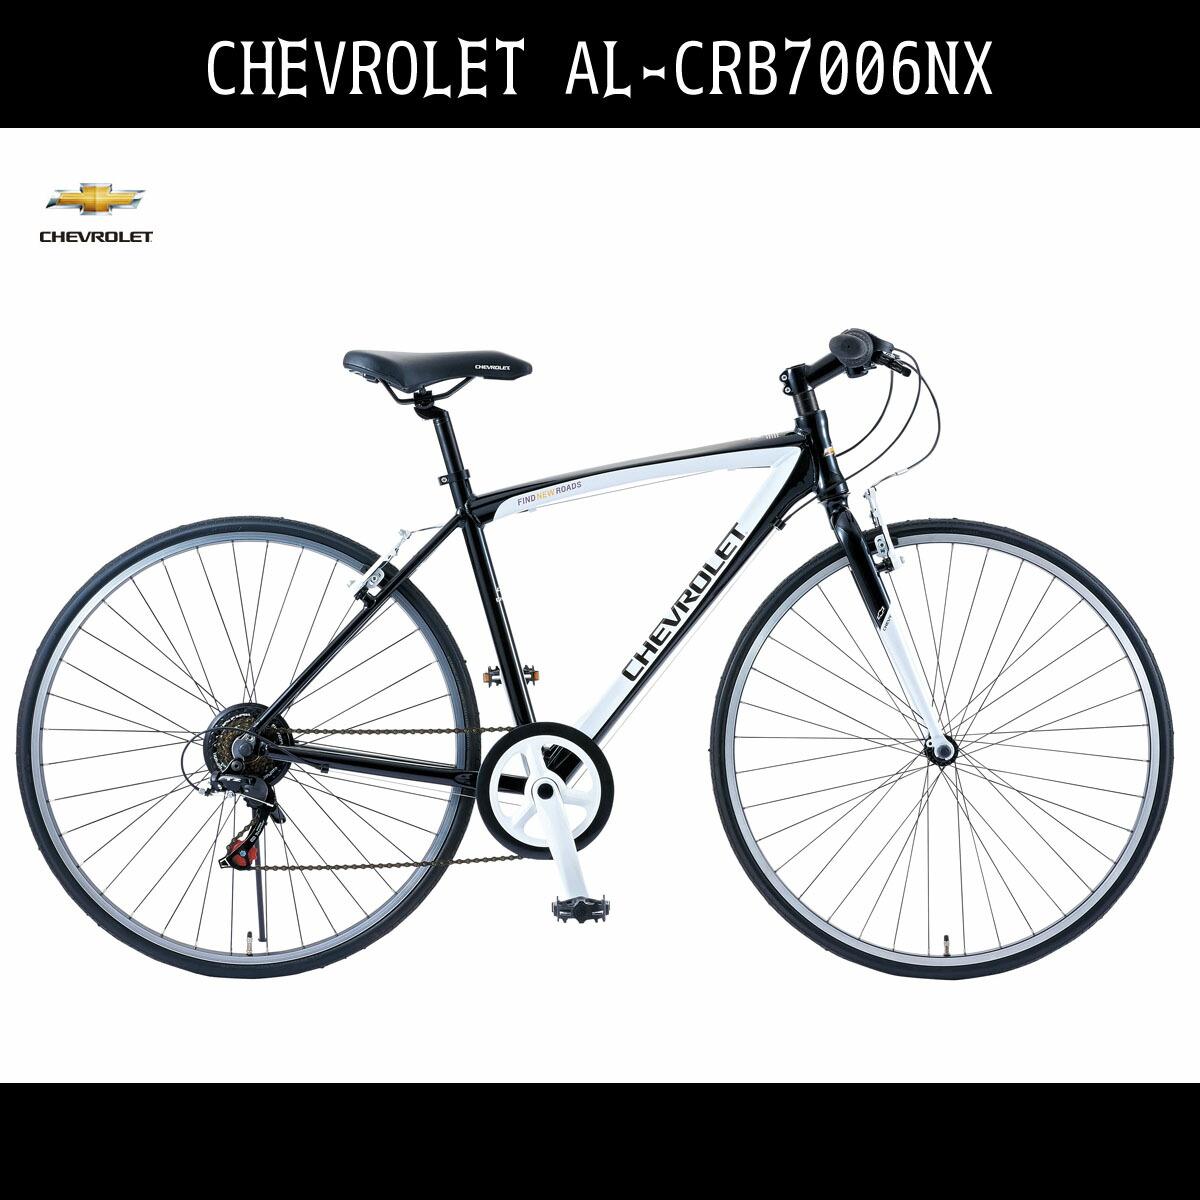 クロスバイク シボレー 自転車 ブラック 黒700c クロスバイク 外装6段変速ギア 軽量 アルミニウム デザインフレームの自転車 CHEVROLET CHEVY シェビー シボレー AL-CRB7006NX アルミニウム 自転車